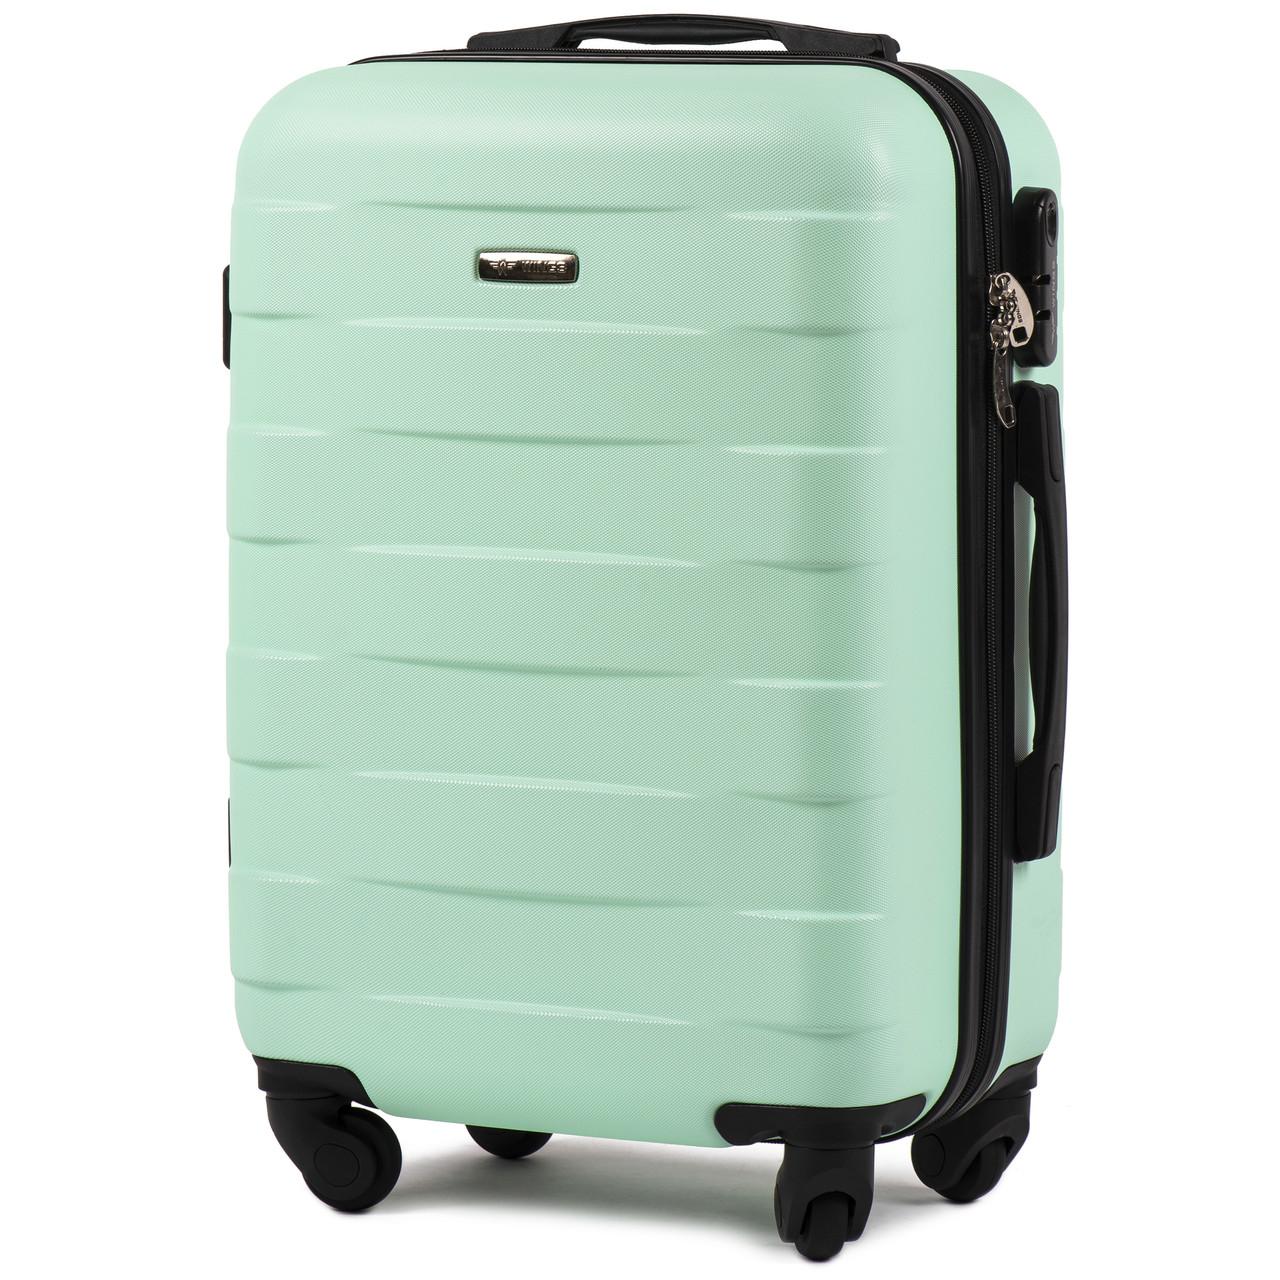 Малый пластиковый чемодан Wings 401 на 4 колесах зеленый